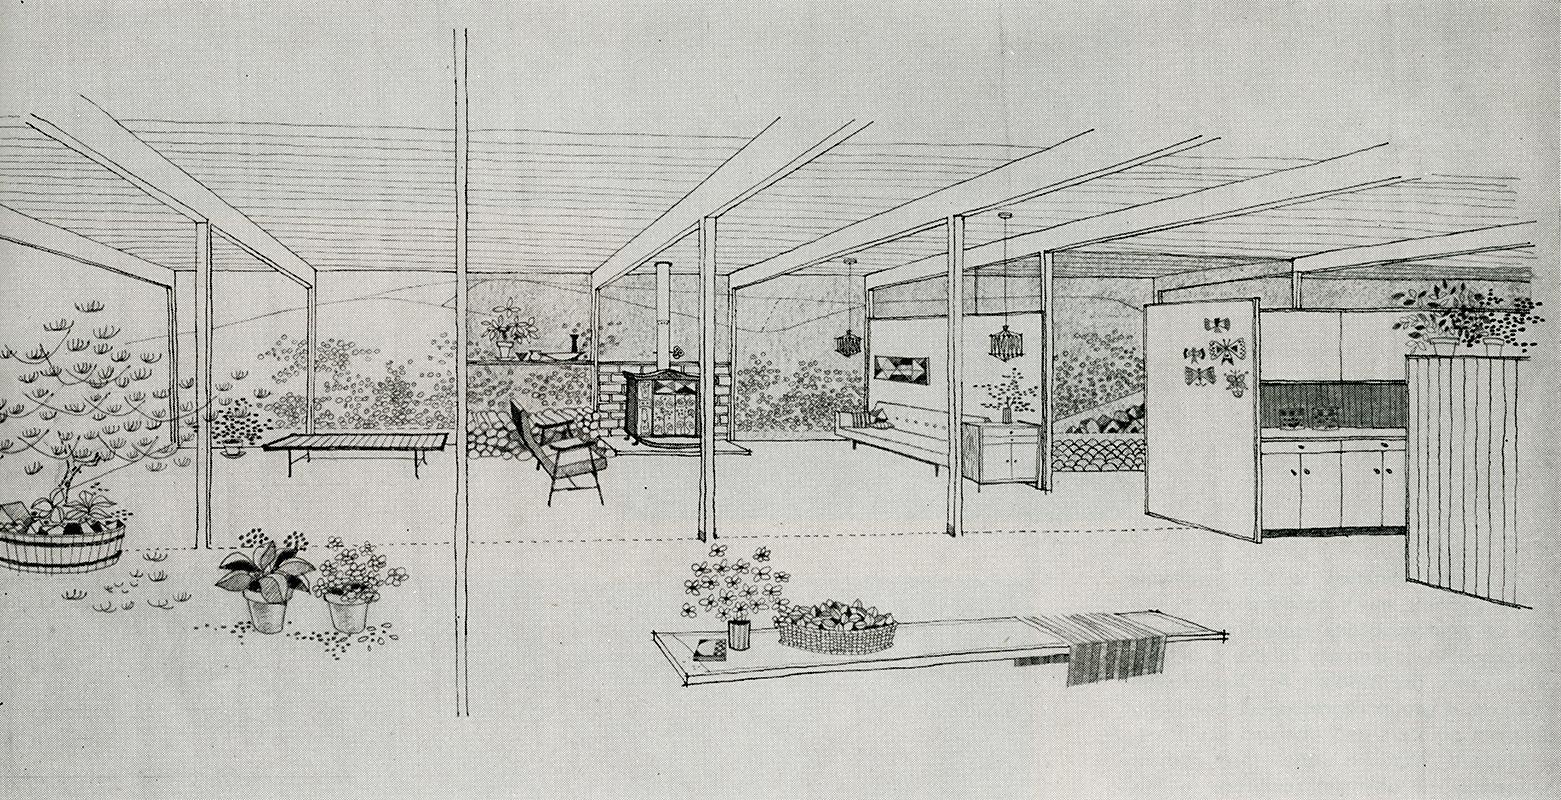 Kipp Stewart. Arts and Architecture. Dec 1953, 25